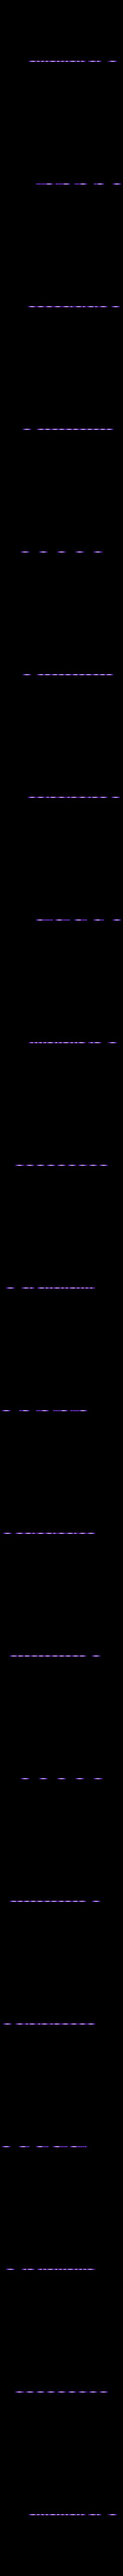 peg_sol_T_color.STL Télécharger fichier STL gratuit Peg Solitaire multi-couleurs • Modèle imprimable en 3D, MosaicManufacturing